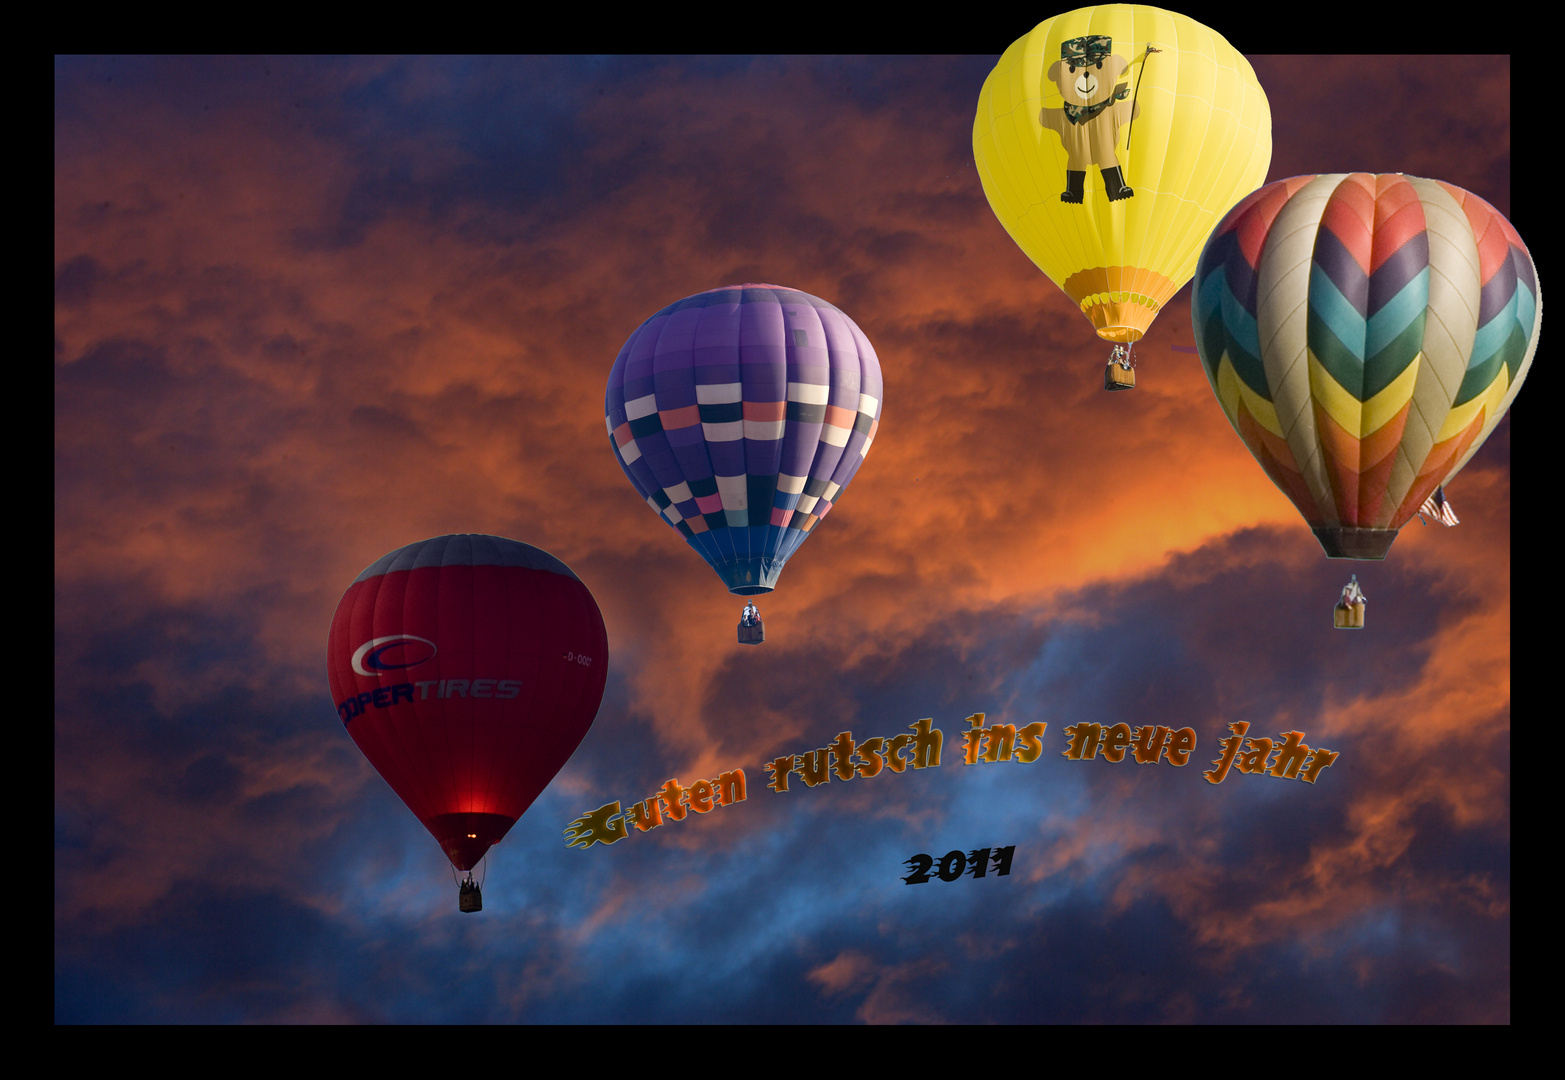 Einen Guten rutsch ins neue jahr 2011